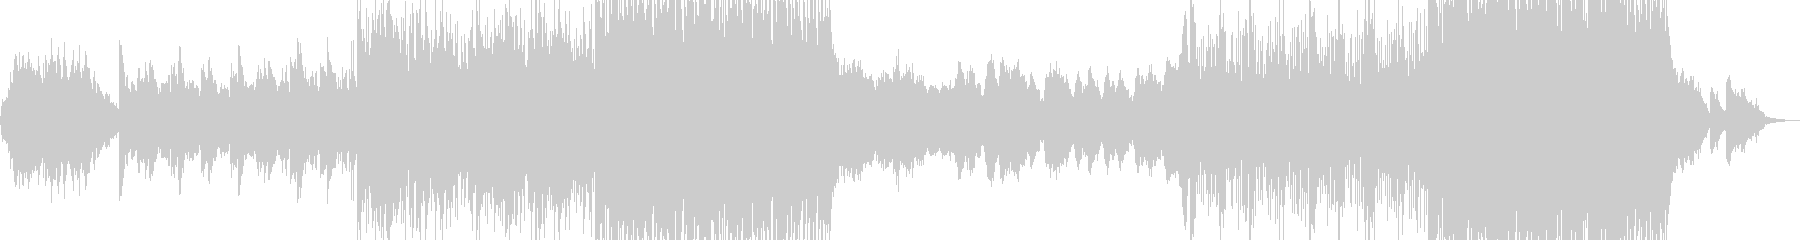 幻想的音楽ーRaindropの未再生の波形